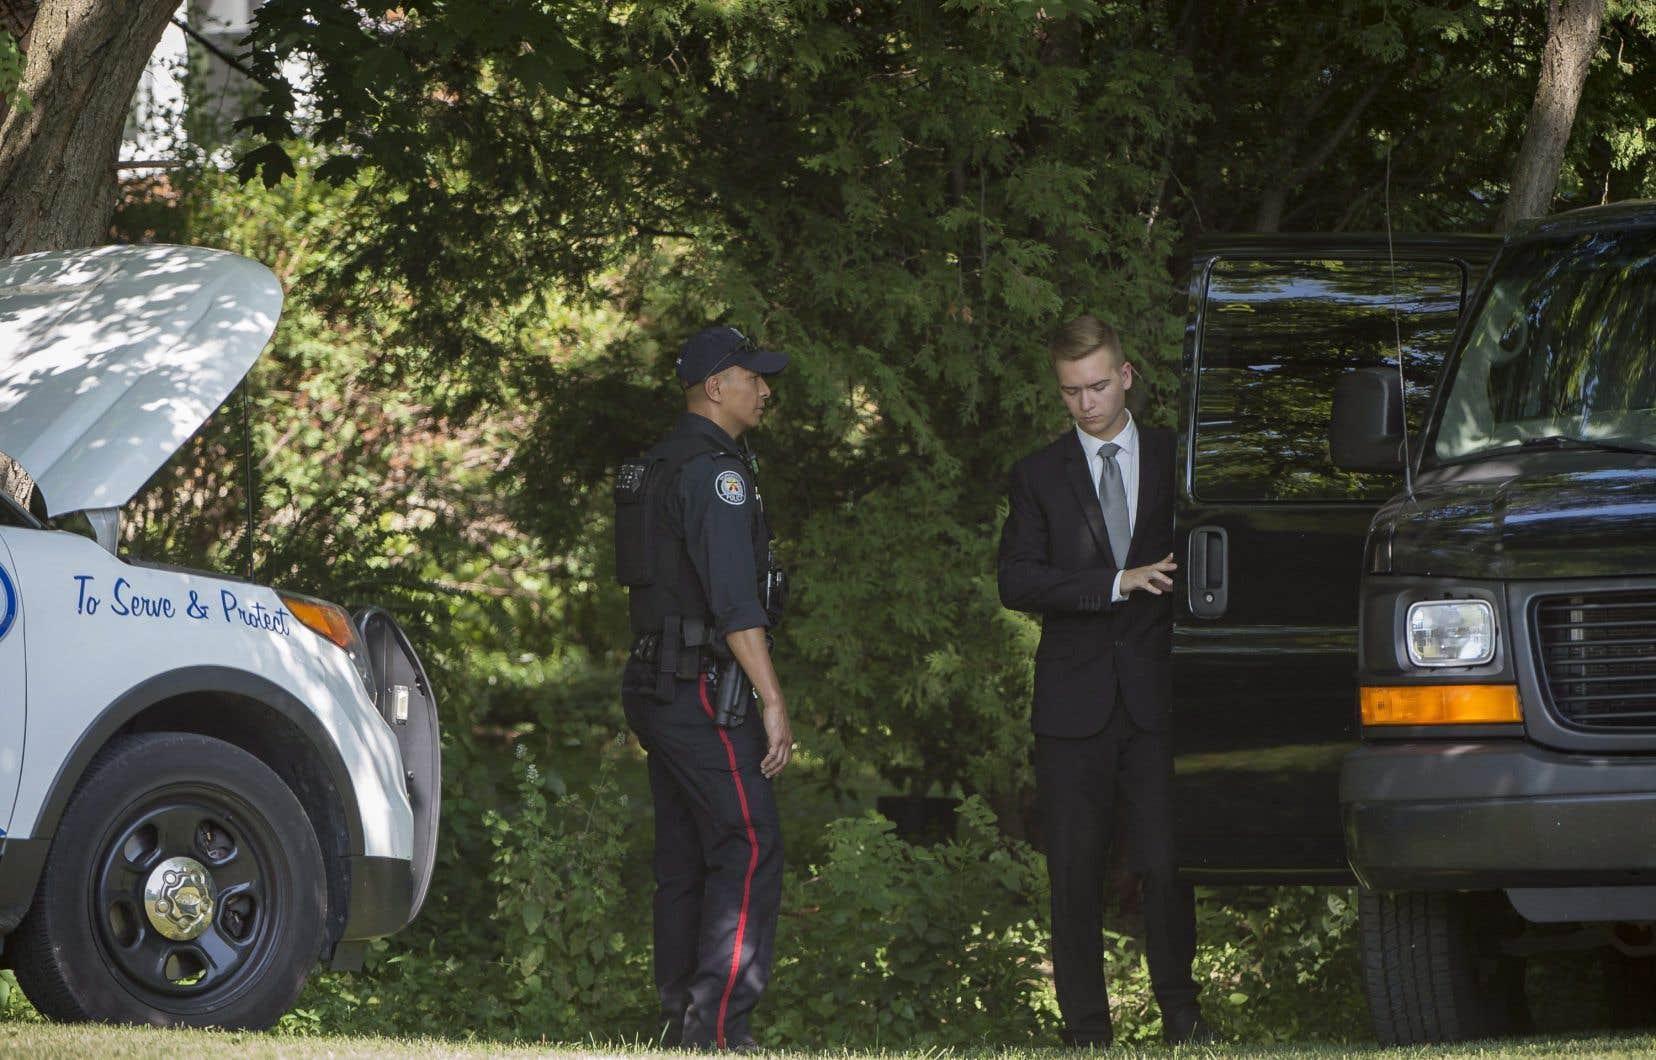 La police de Toronto a trouvé des restes humains sur une propriété où le tueur en série présumé a travaillé comme paysagiste.